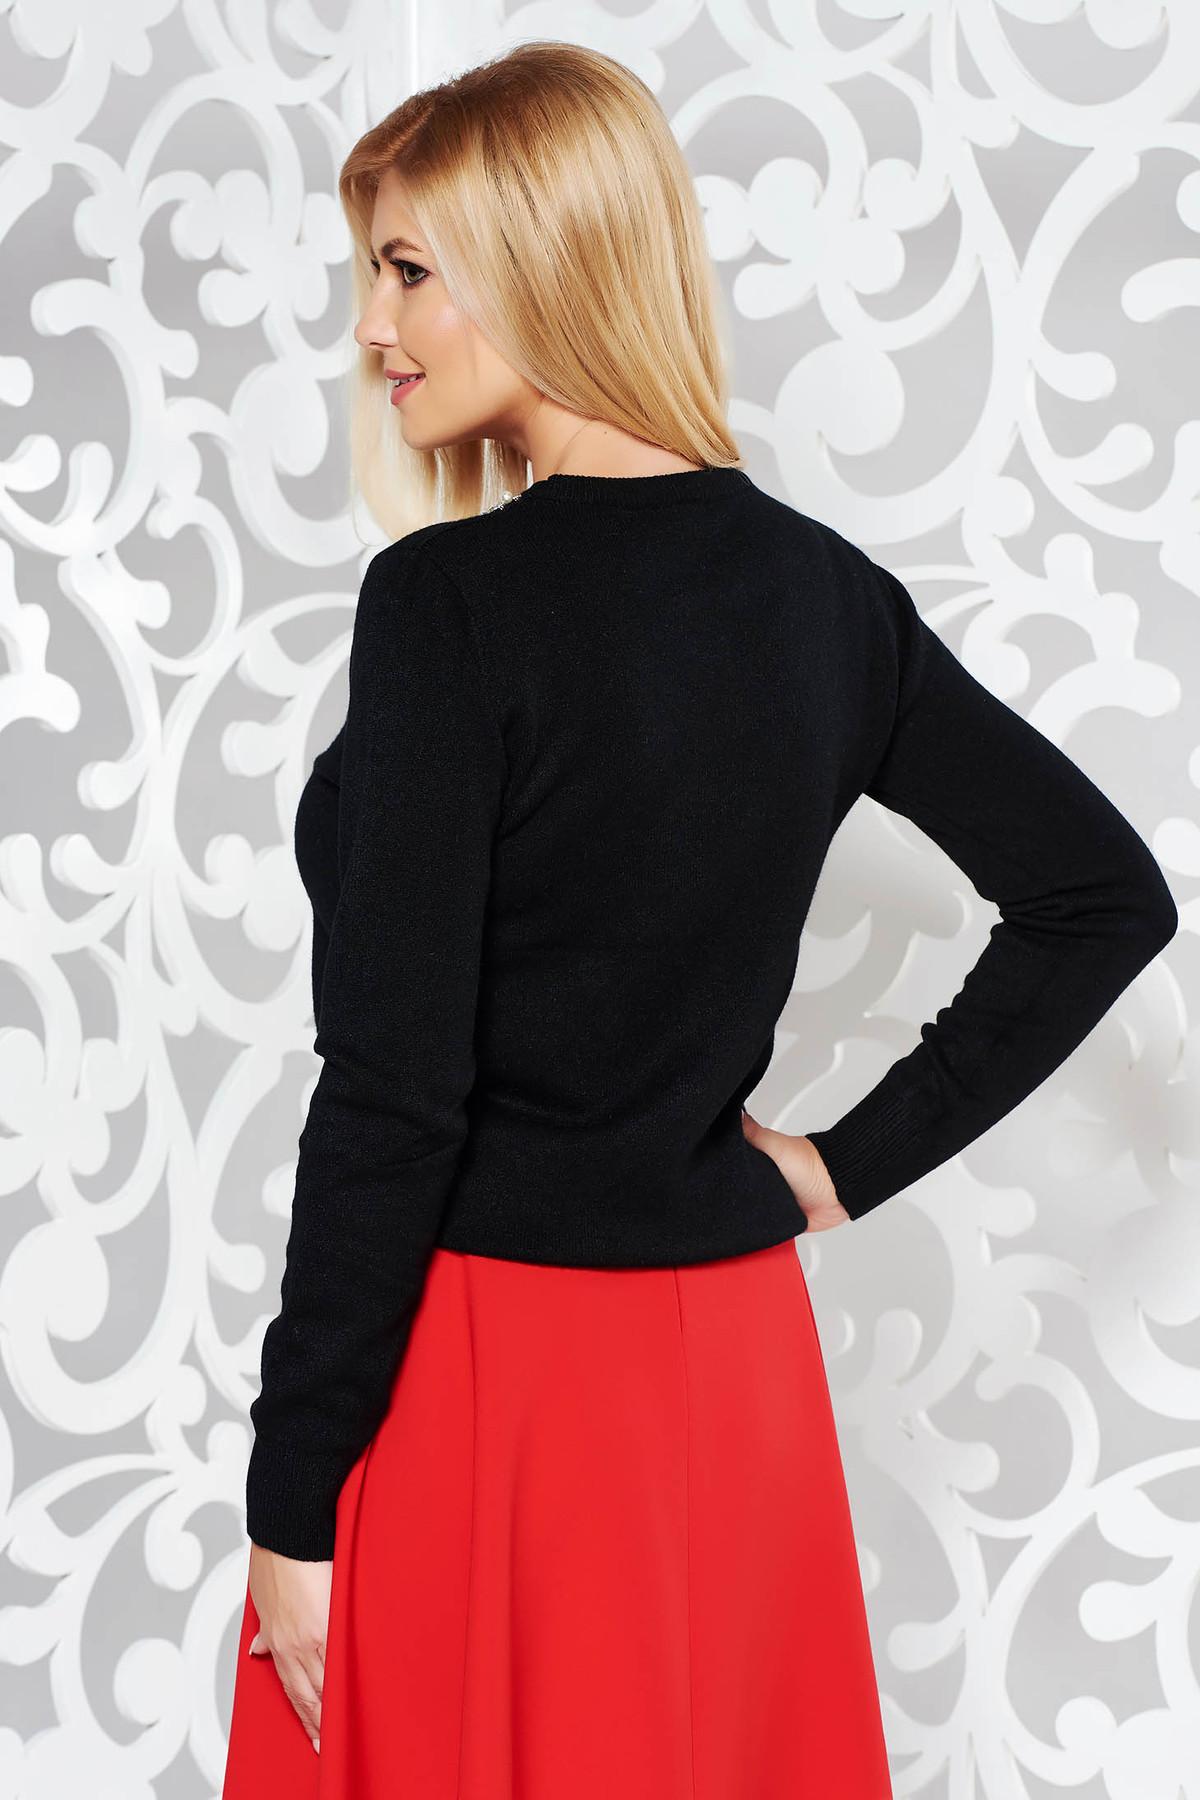 Pulover StarShinerS negru din bumbac usor elastic din material tricotat cu aplicatii cu pietre strass